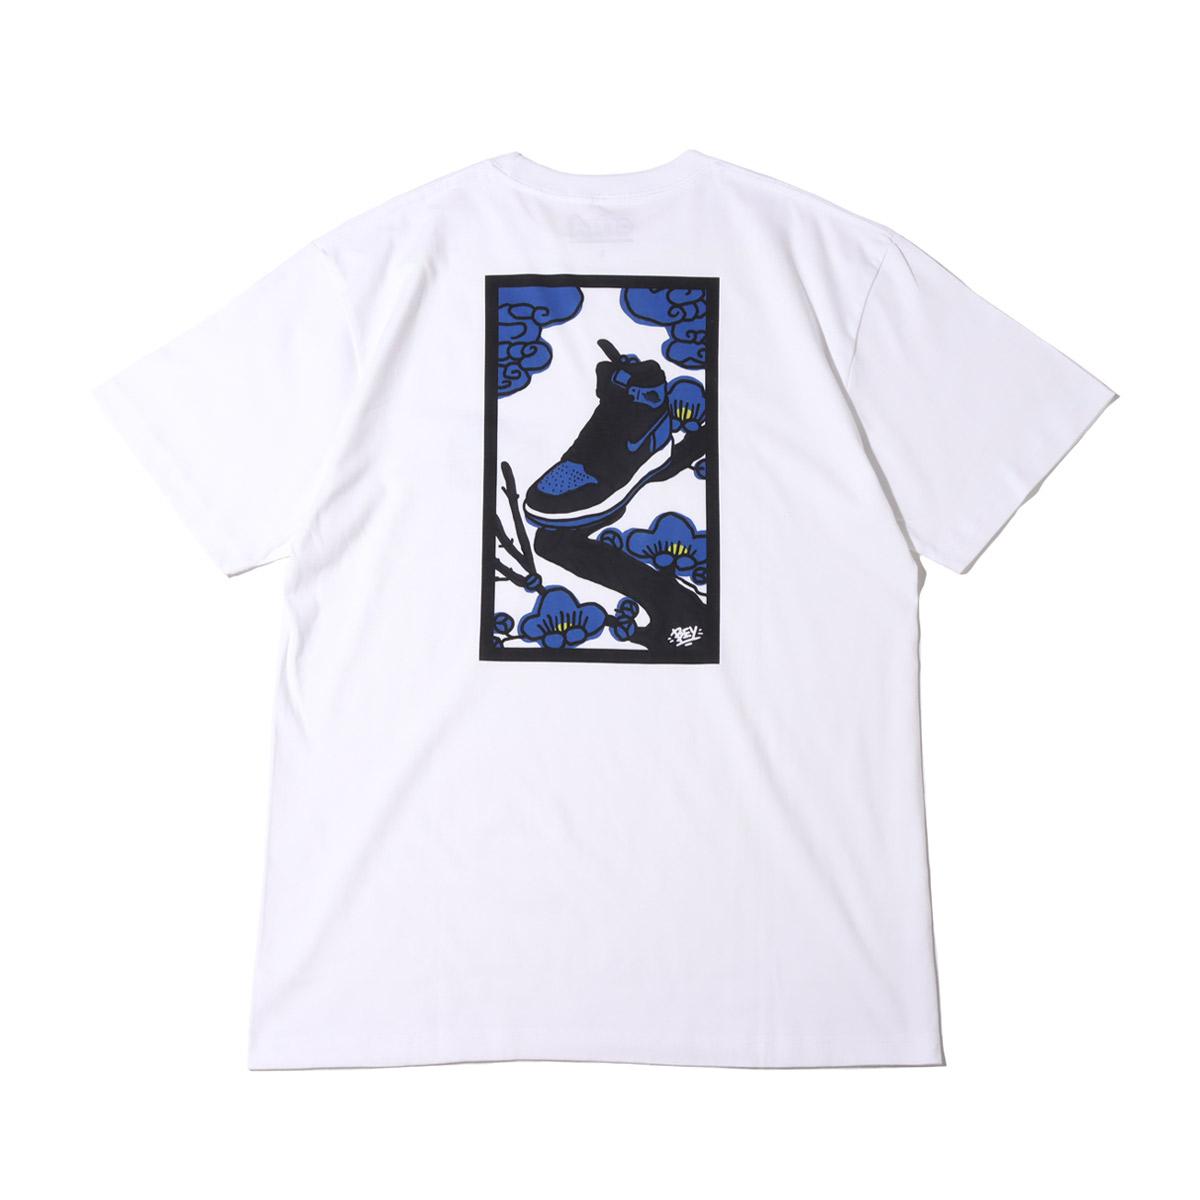 artrA(アルトラ) Tシャツ2